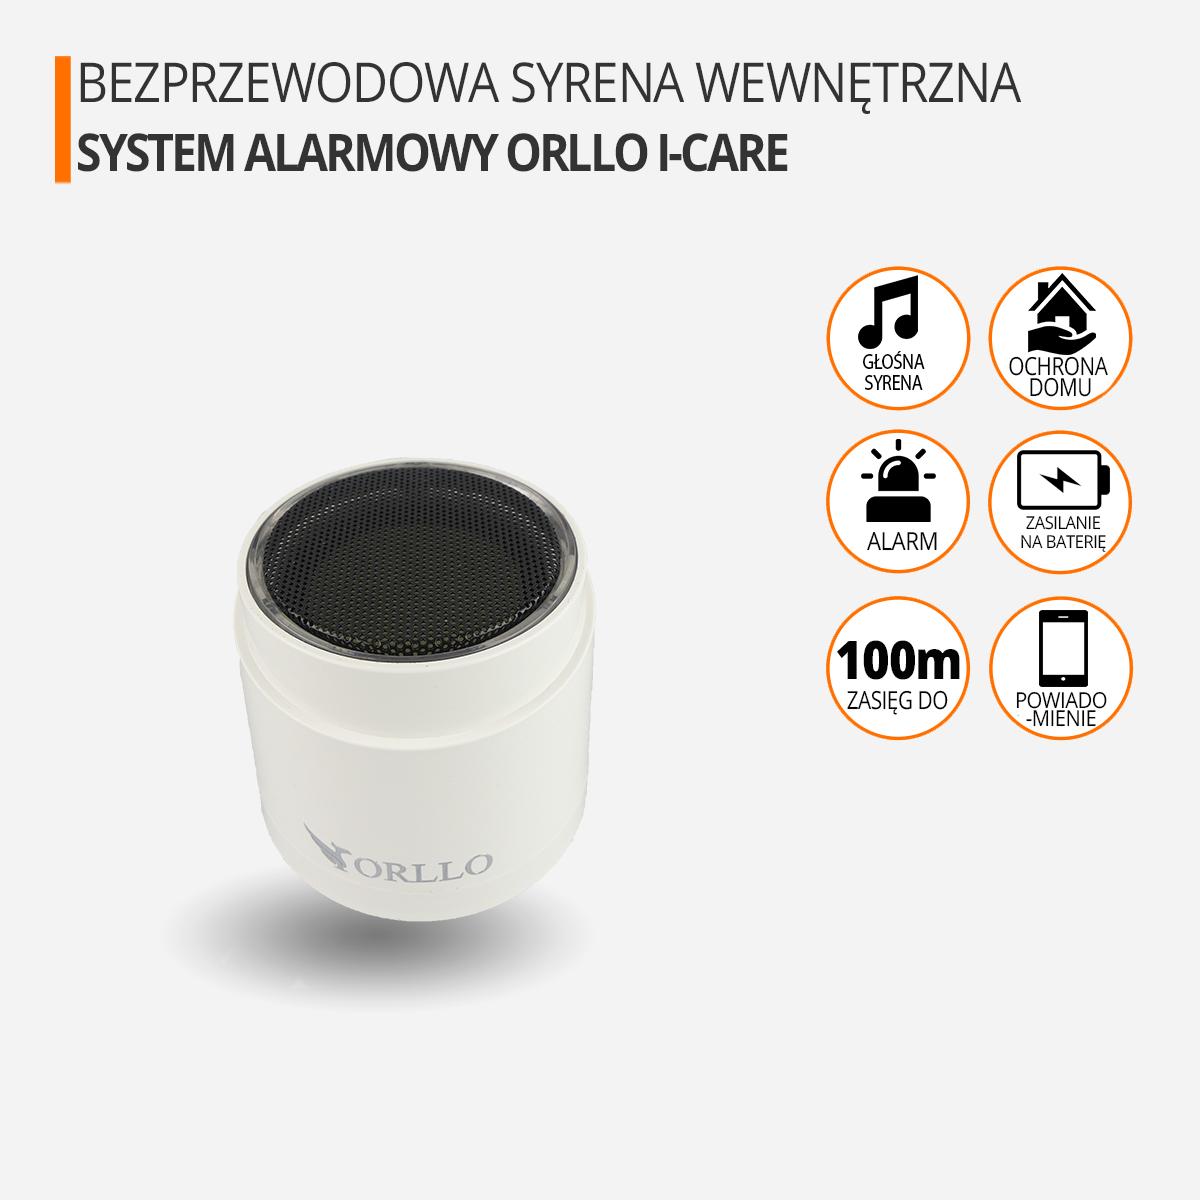 Centrala-alarmowa-syrena-wewn-funkcje-orllo-pl